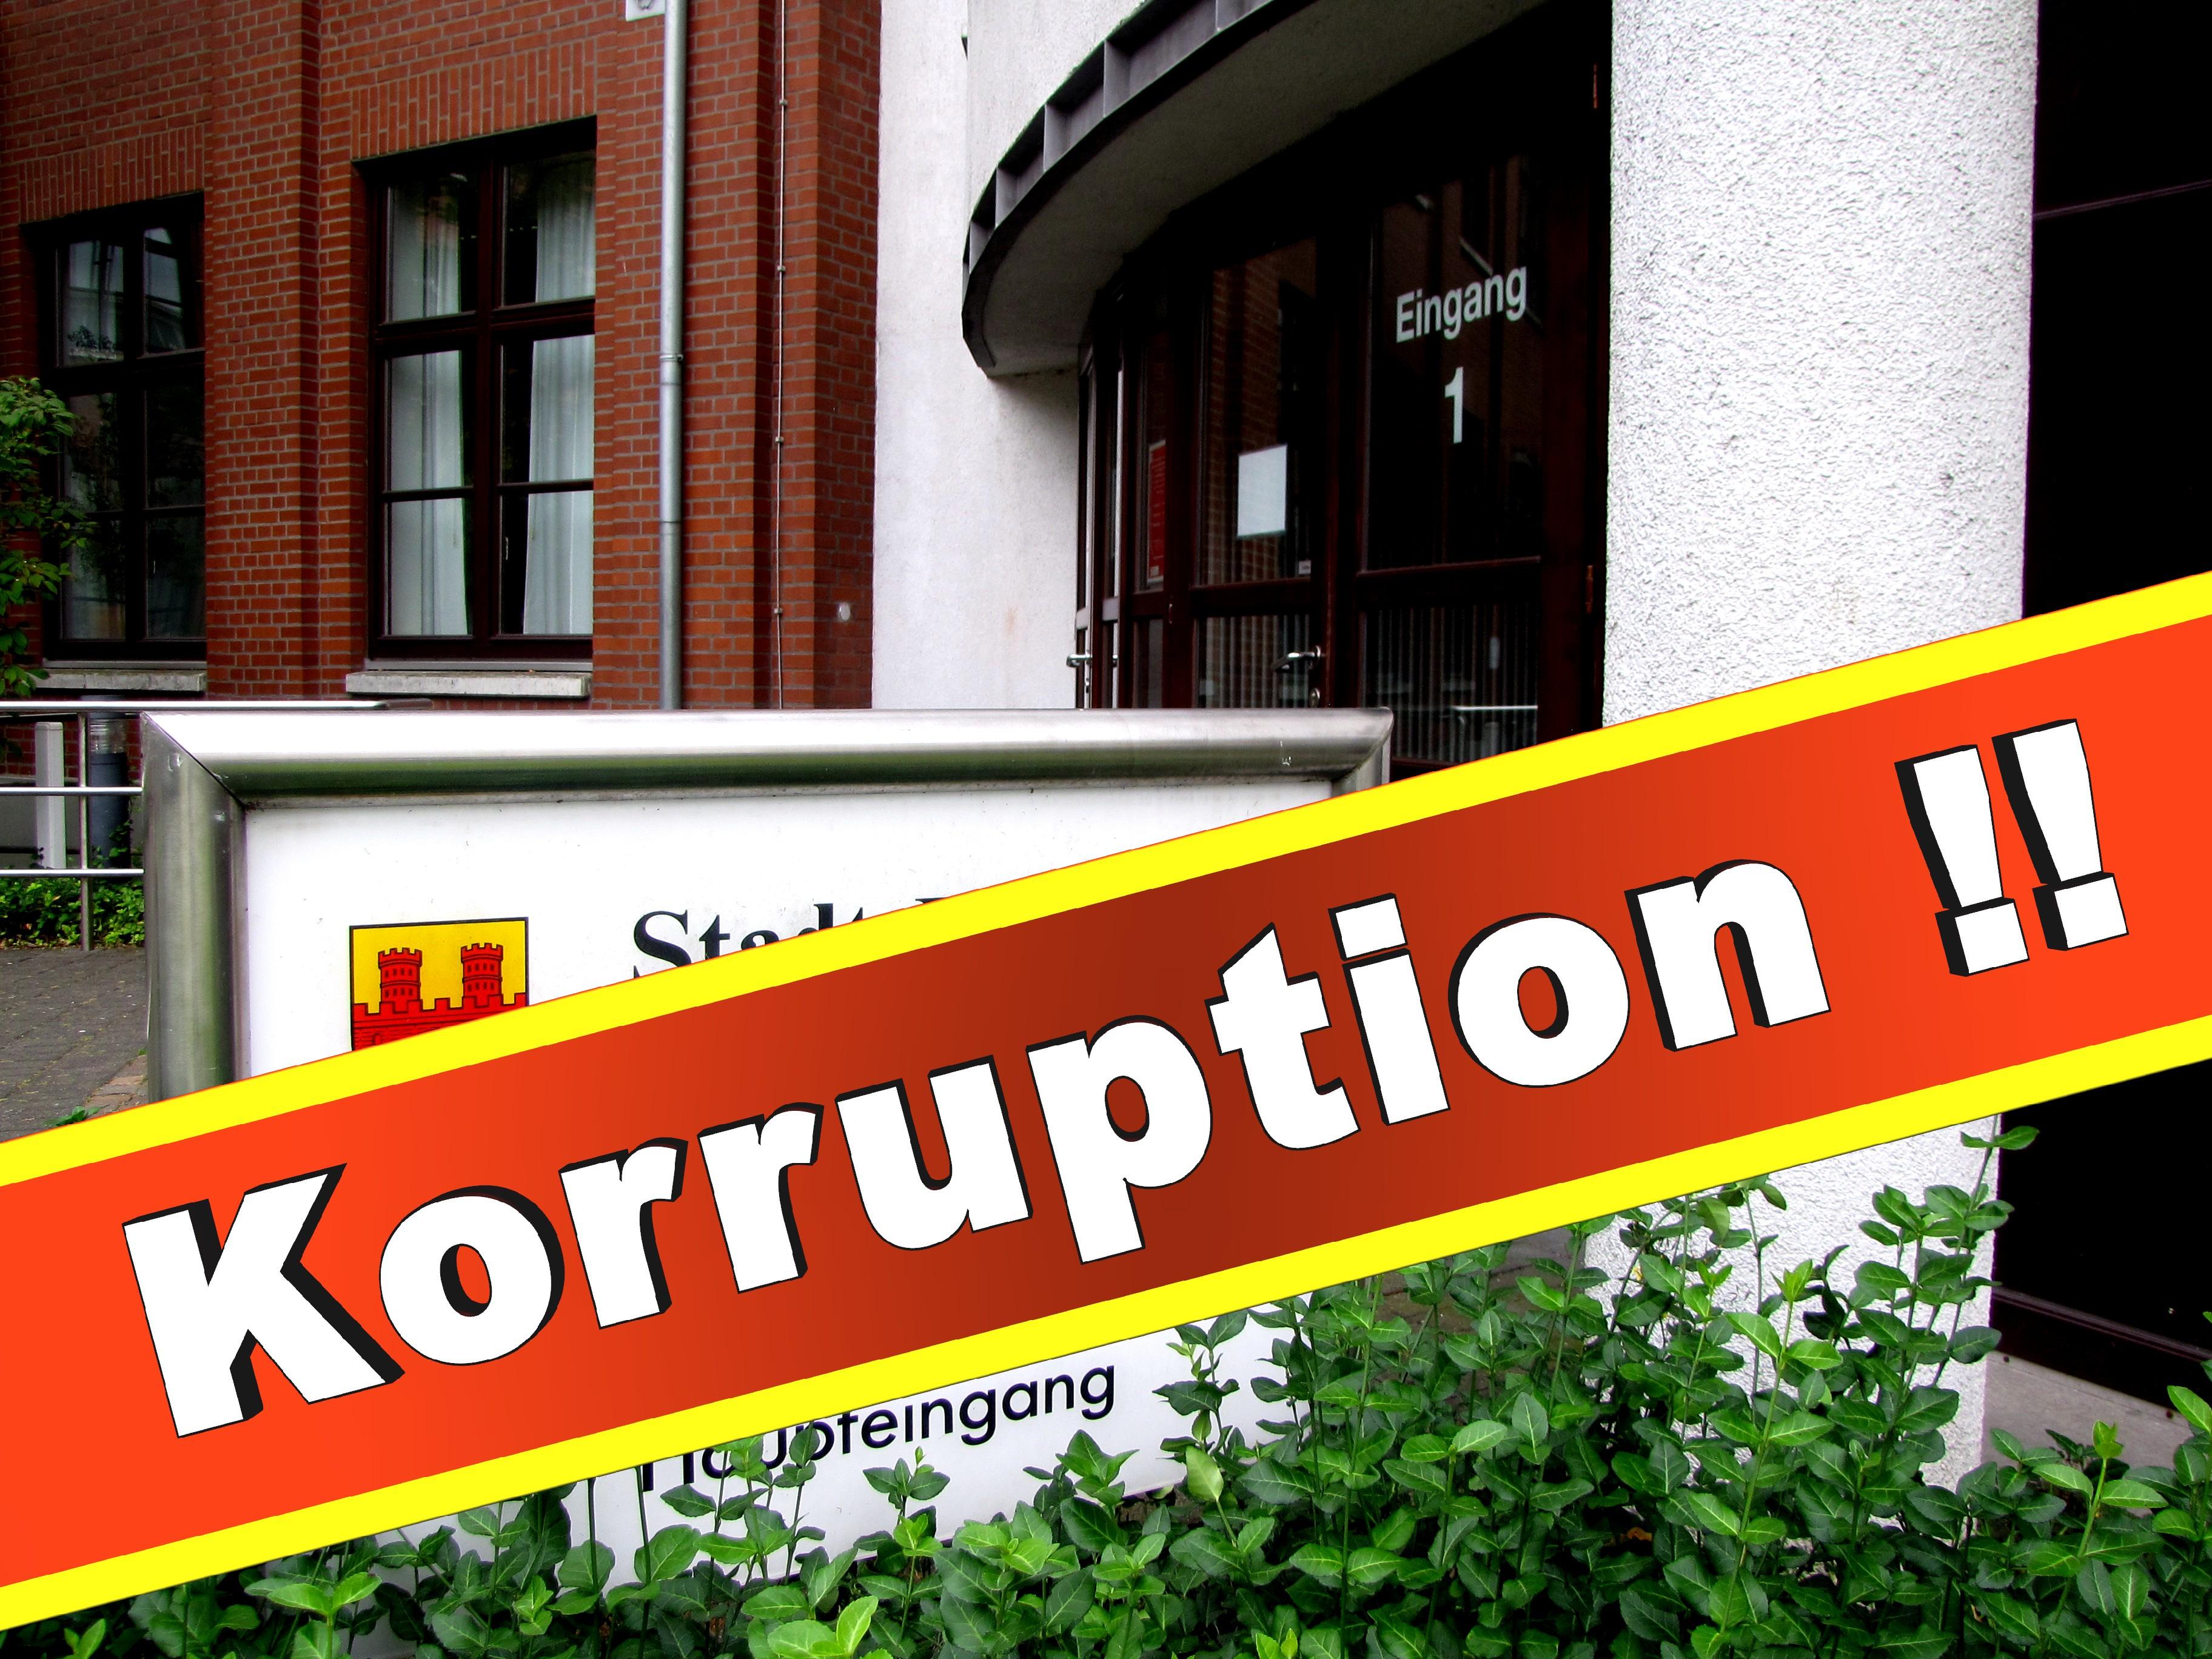 Gesundheitsamt Bielefeld Amtsarzt Adresse Gesundheitsbelehrung Telefon Schuleingangsuntersuchung Bielefeld Parken Gesundheitszeugnis